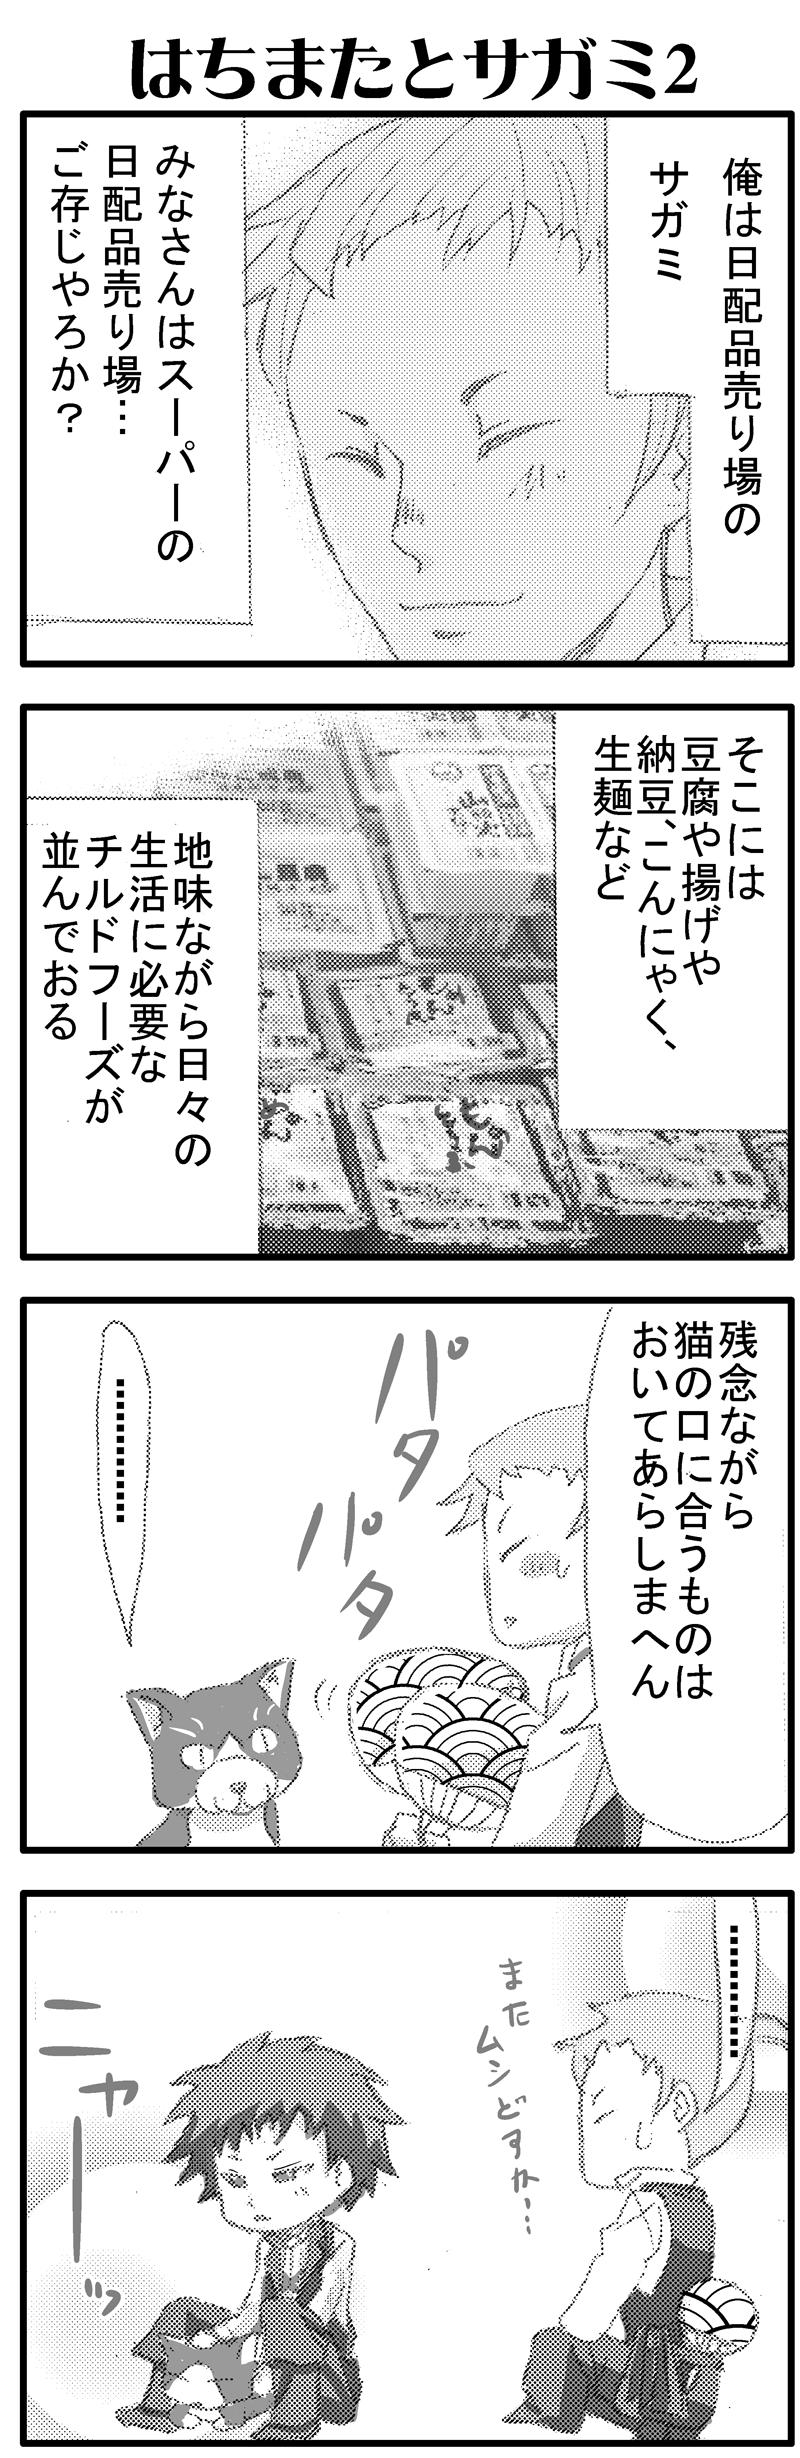 イケメンスーパー12話-1-2